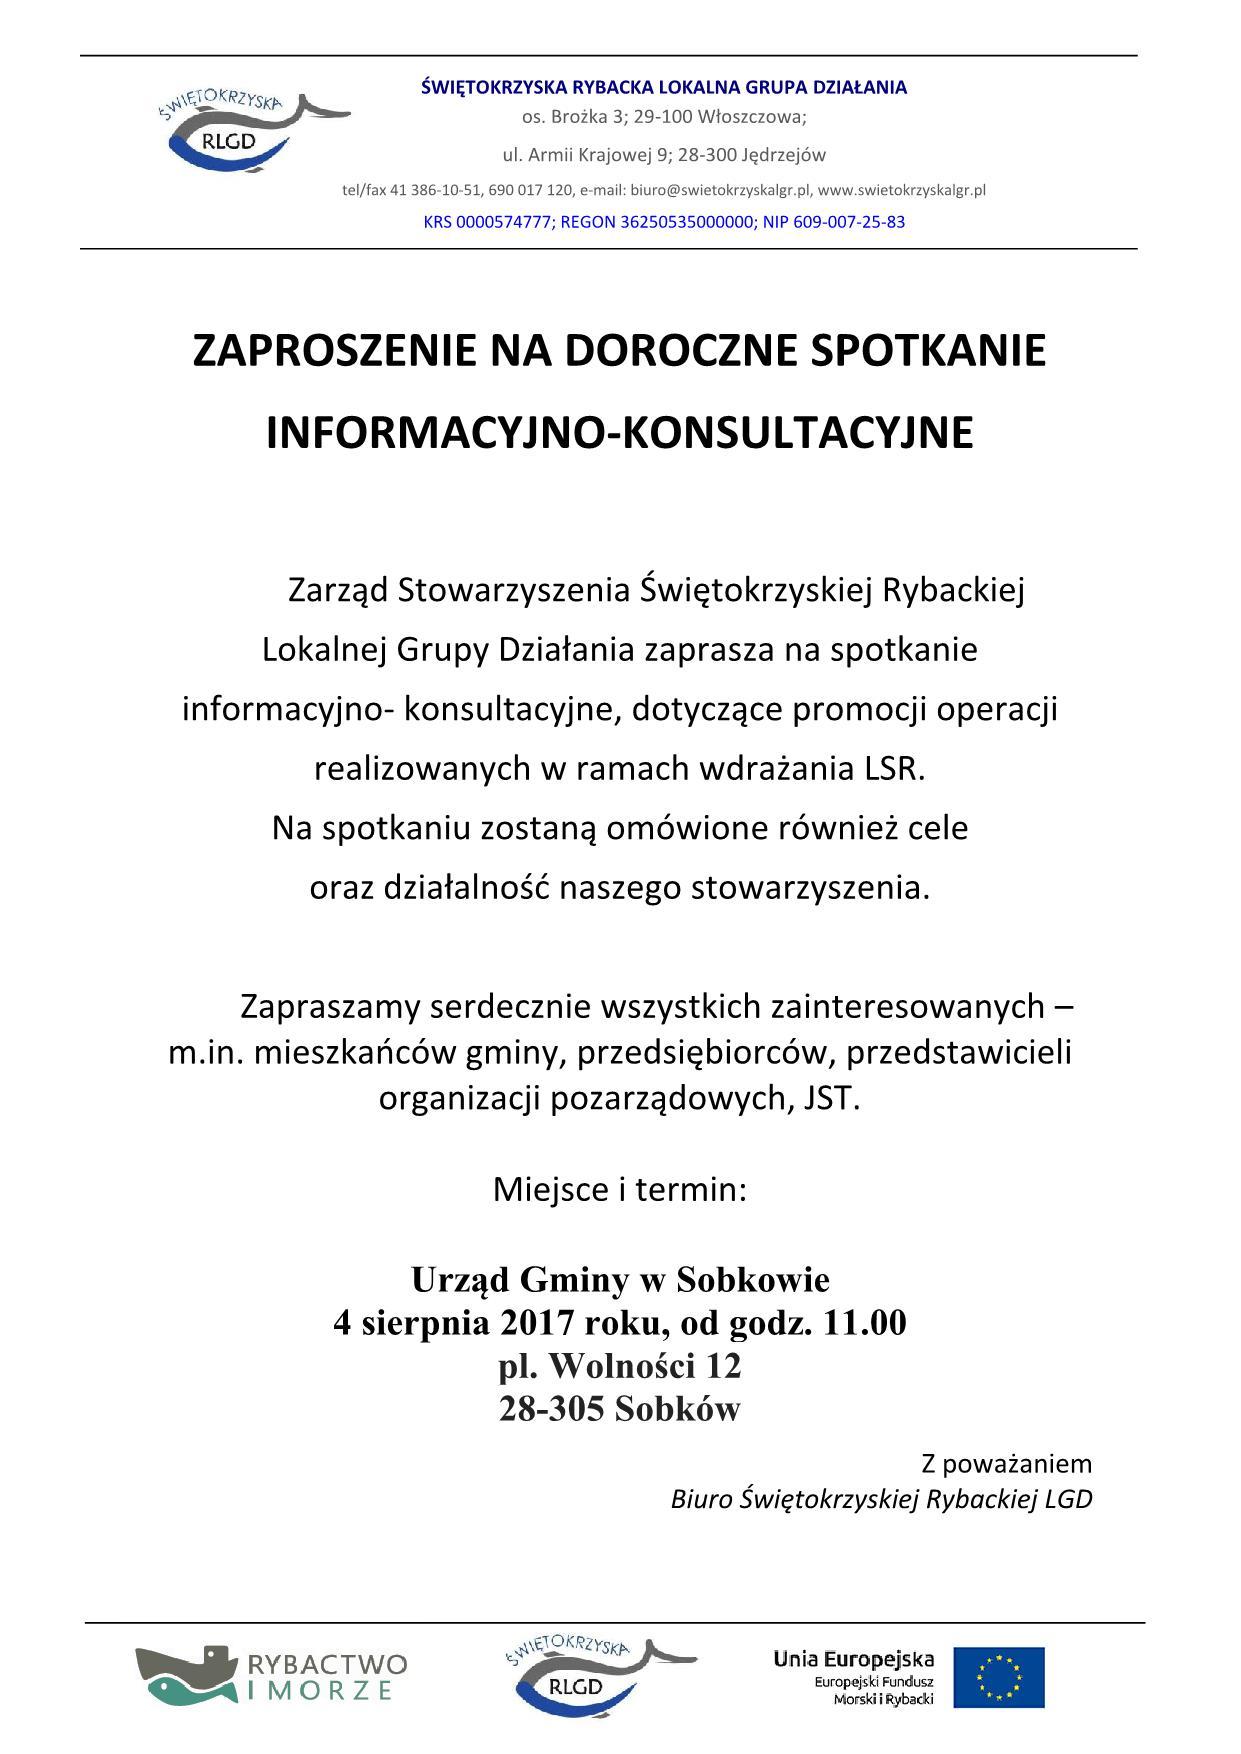 - ryba_zaproszenie_01_08_2017.jpg